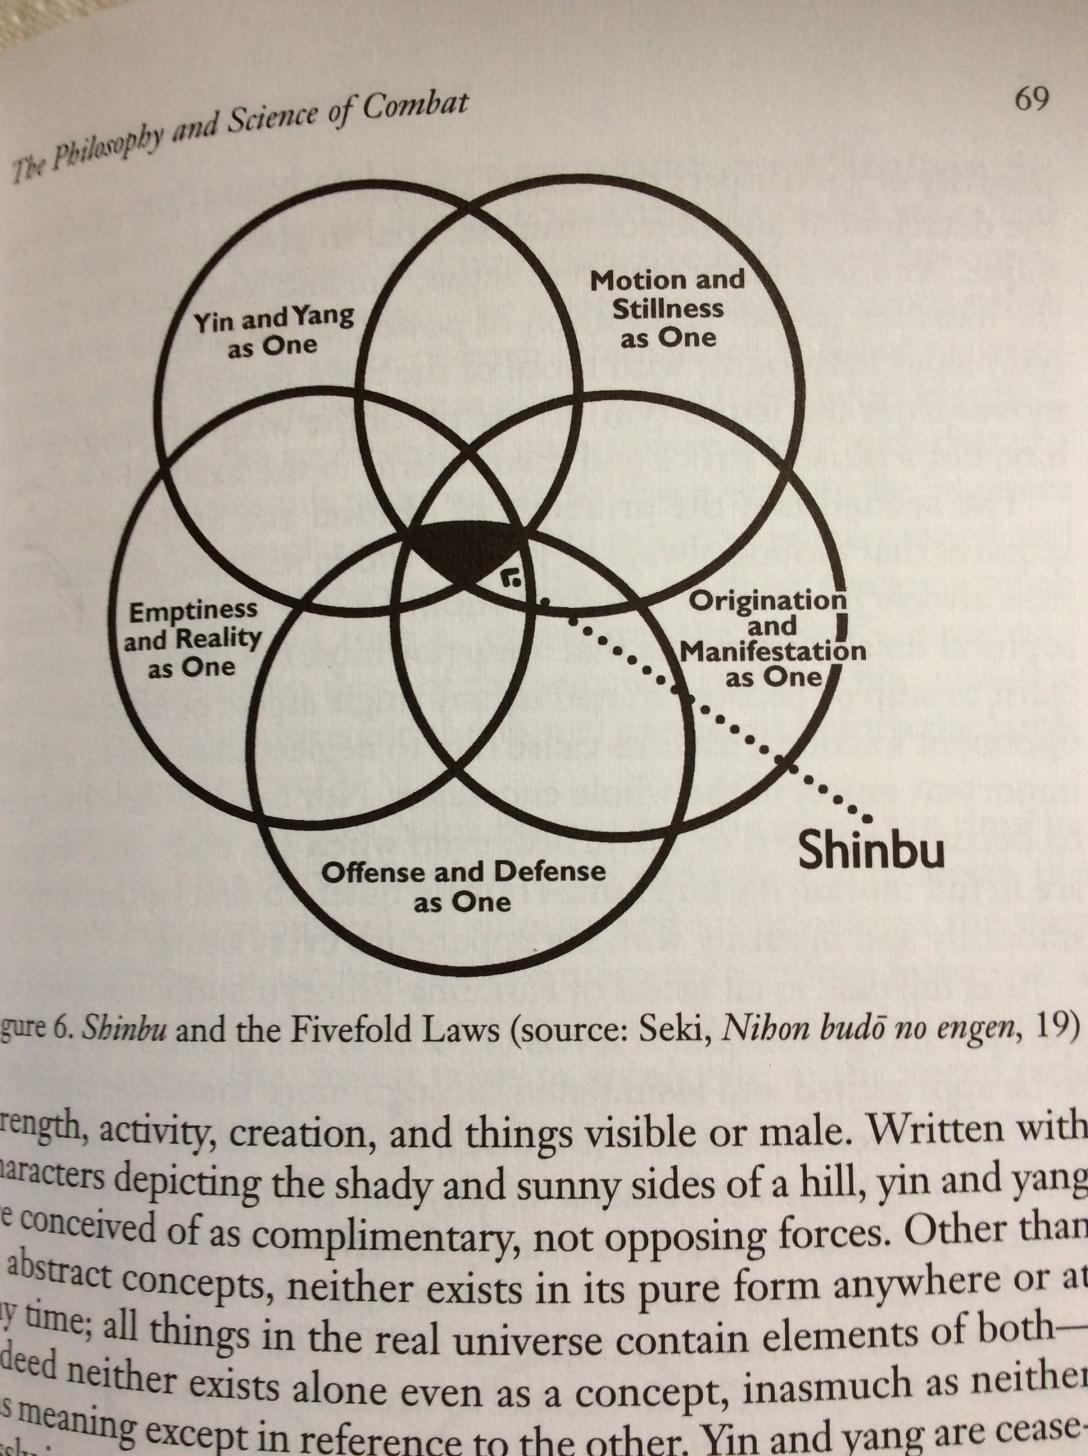 Shinbu